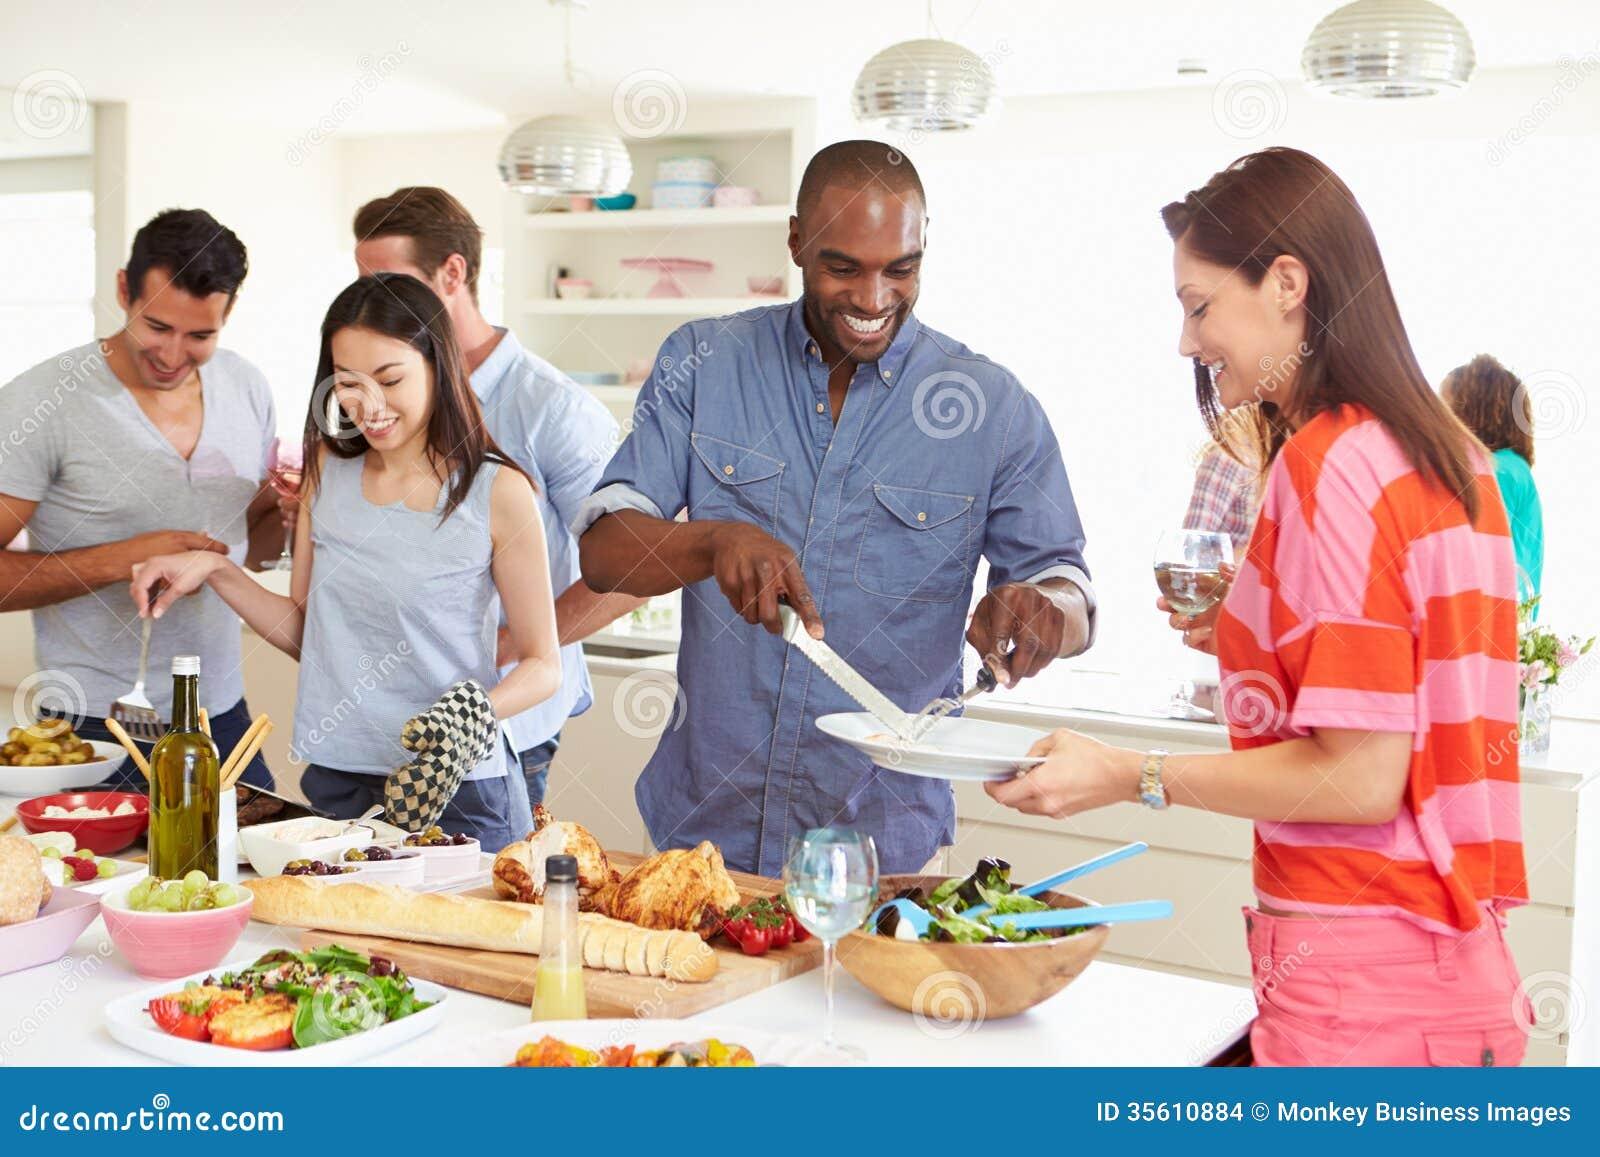 Grupo de amigos que tienen partido de cena en casa - Menu cena amigos en casa ...